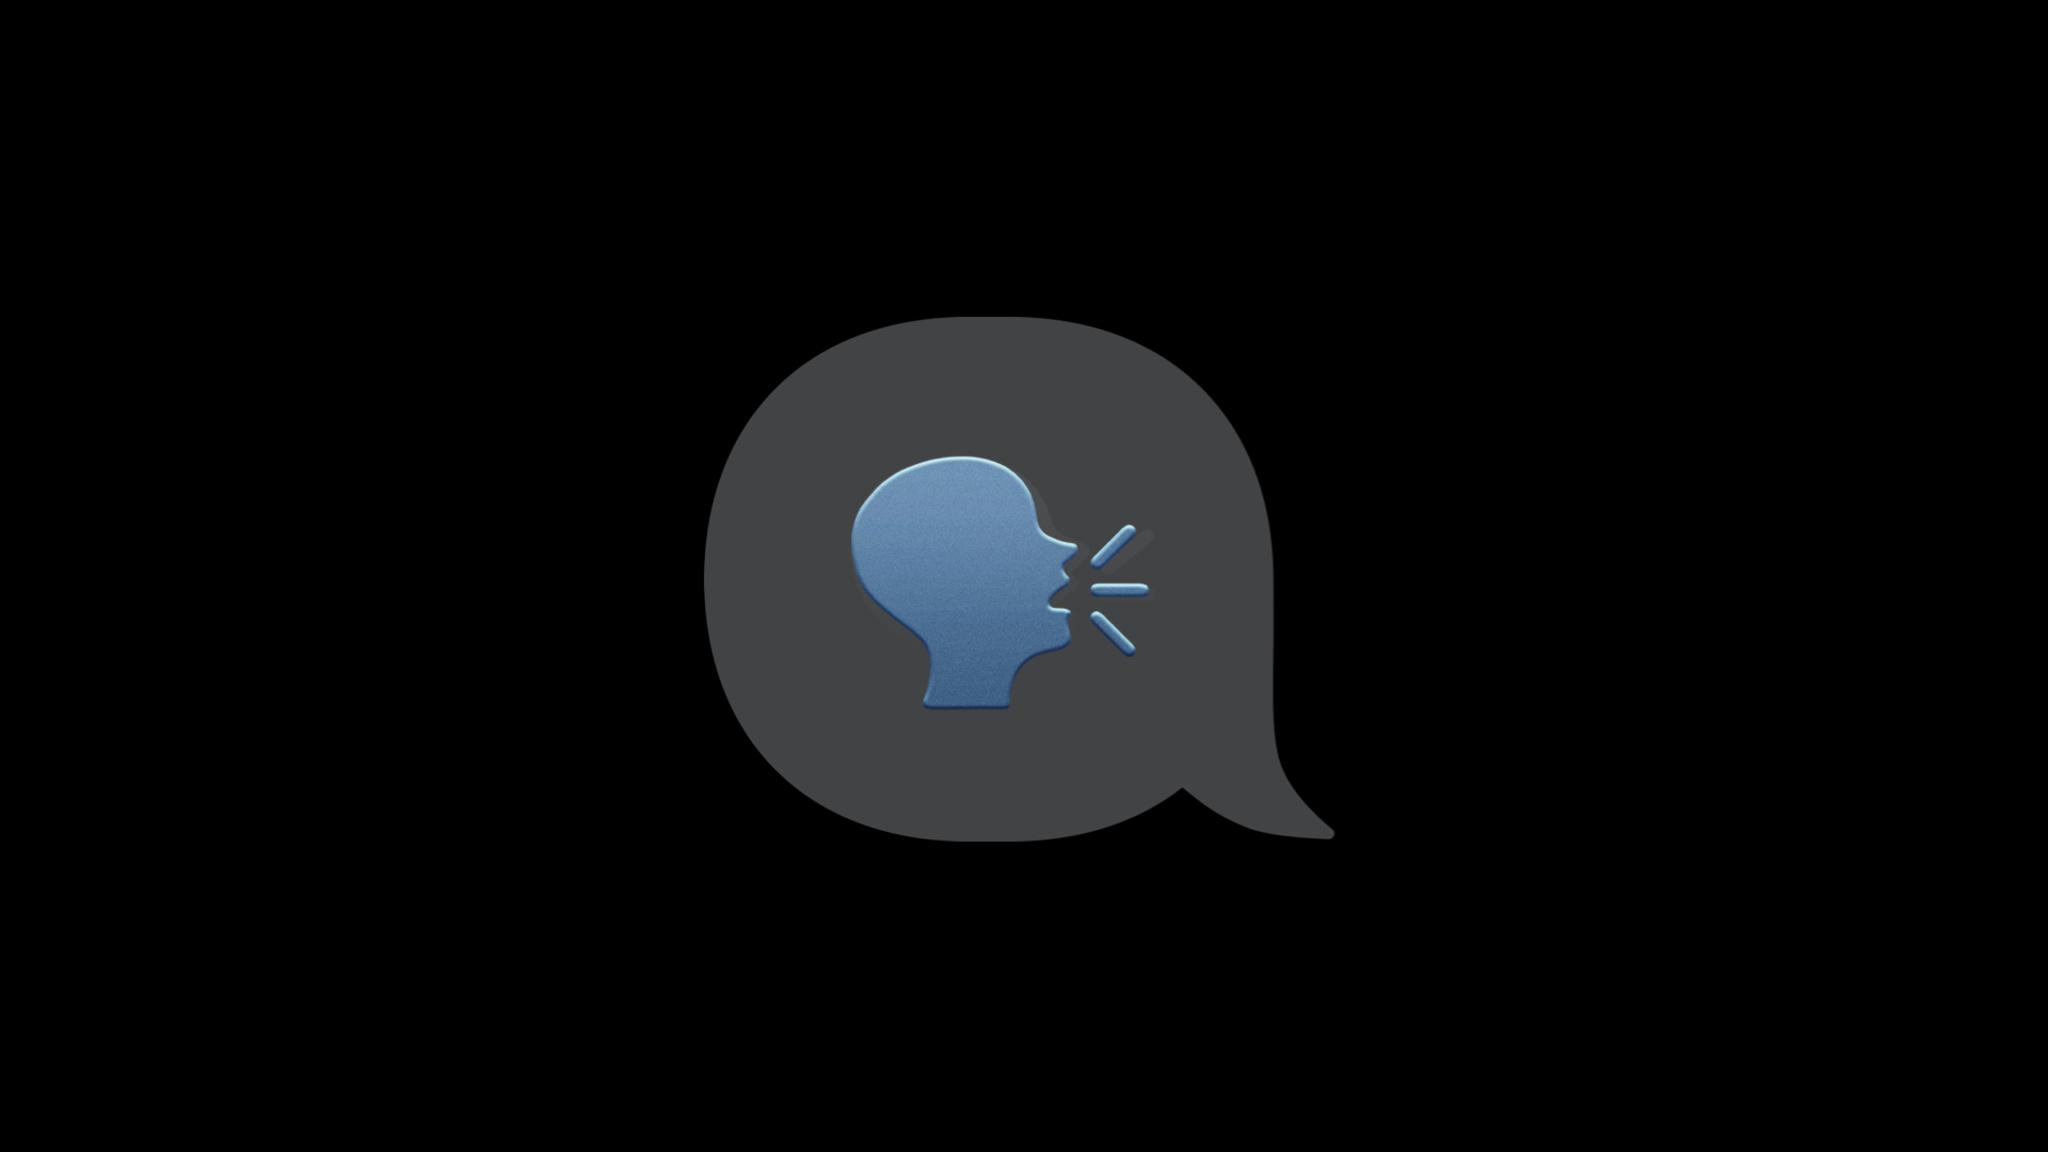 Speaking head silhouette emoji inside of a speech bubble.